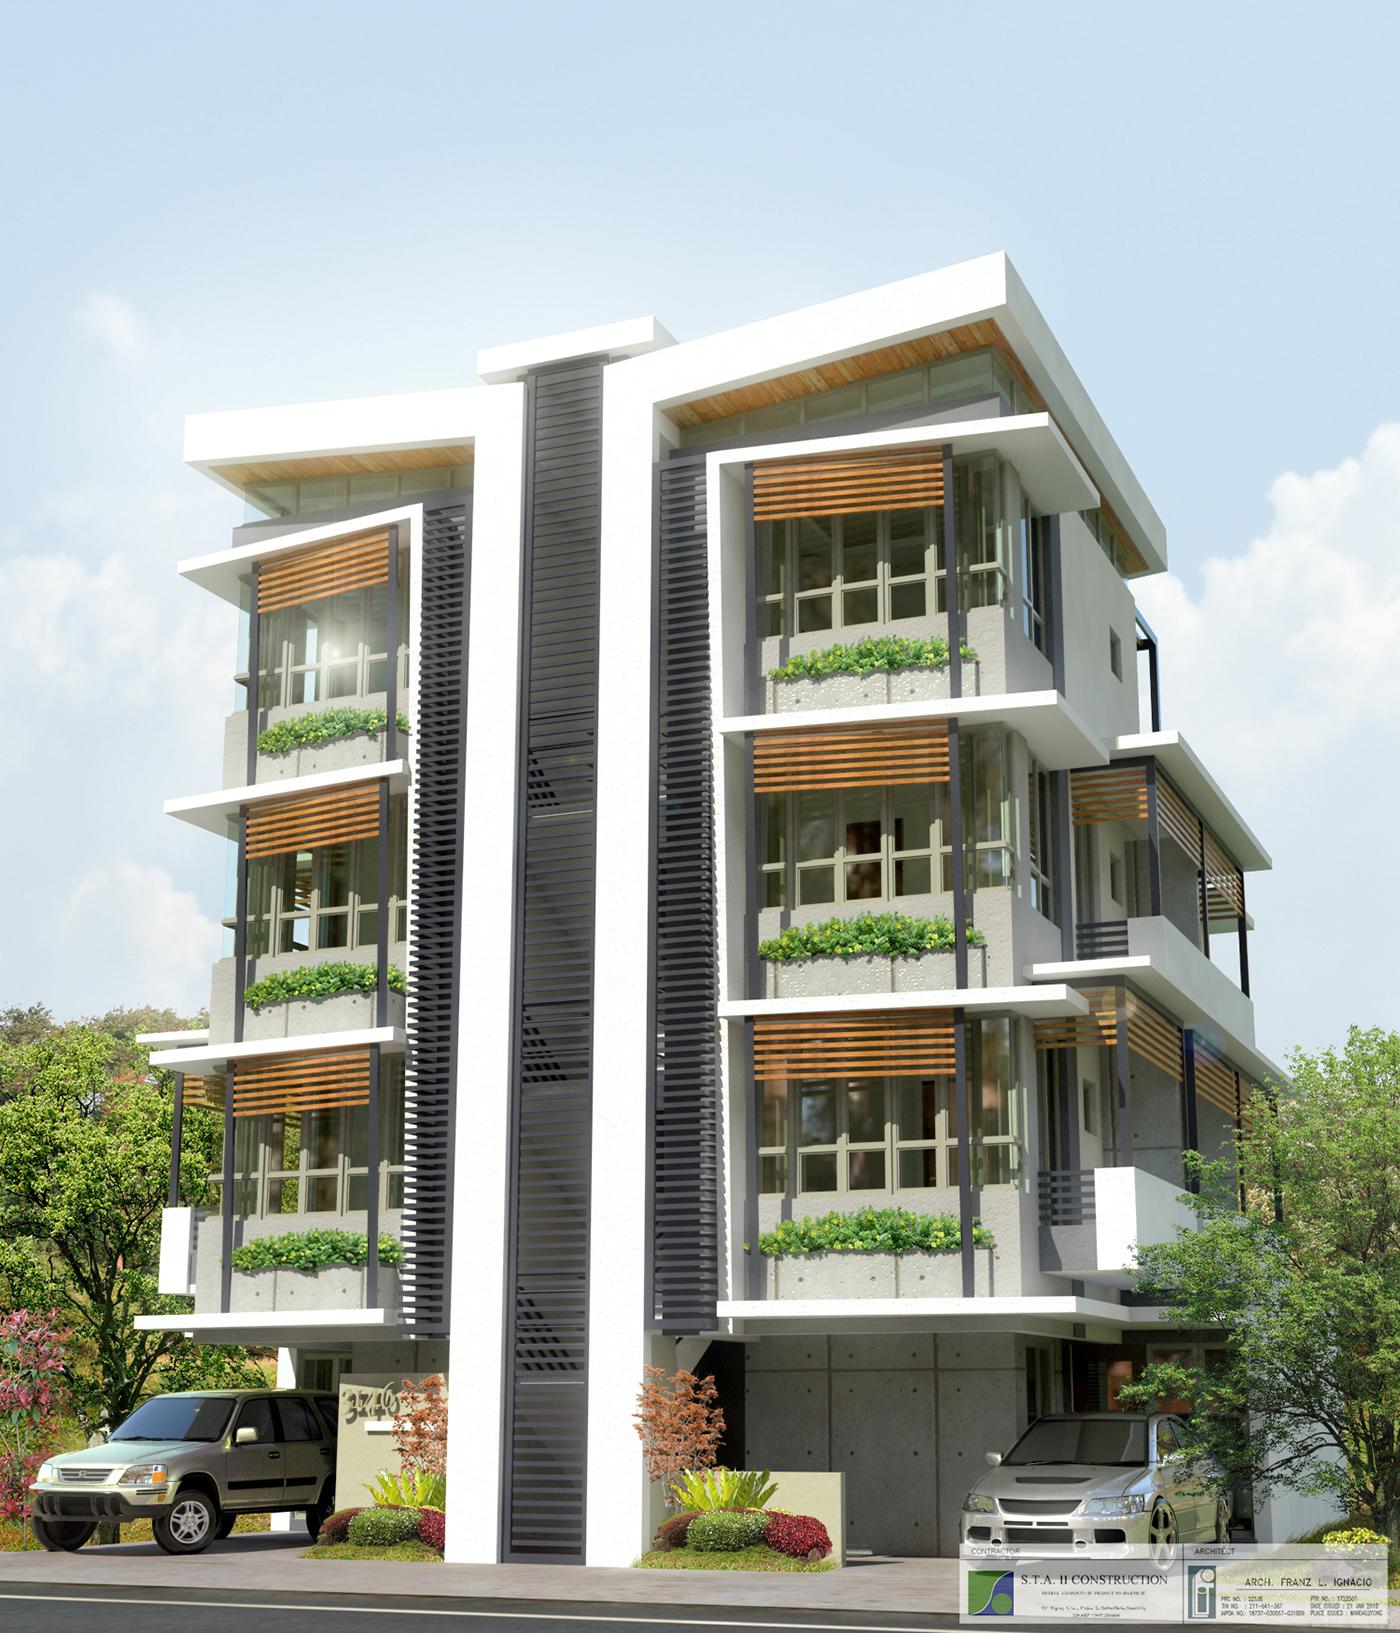 Condominium: 3146 Condominium On Behance